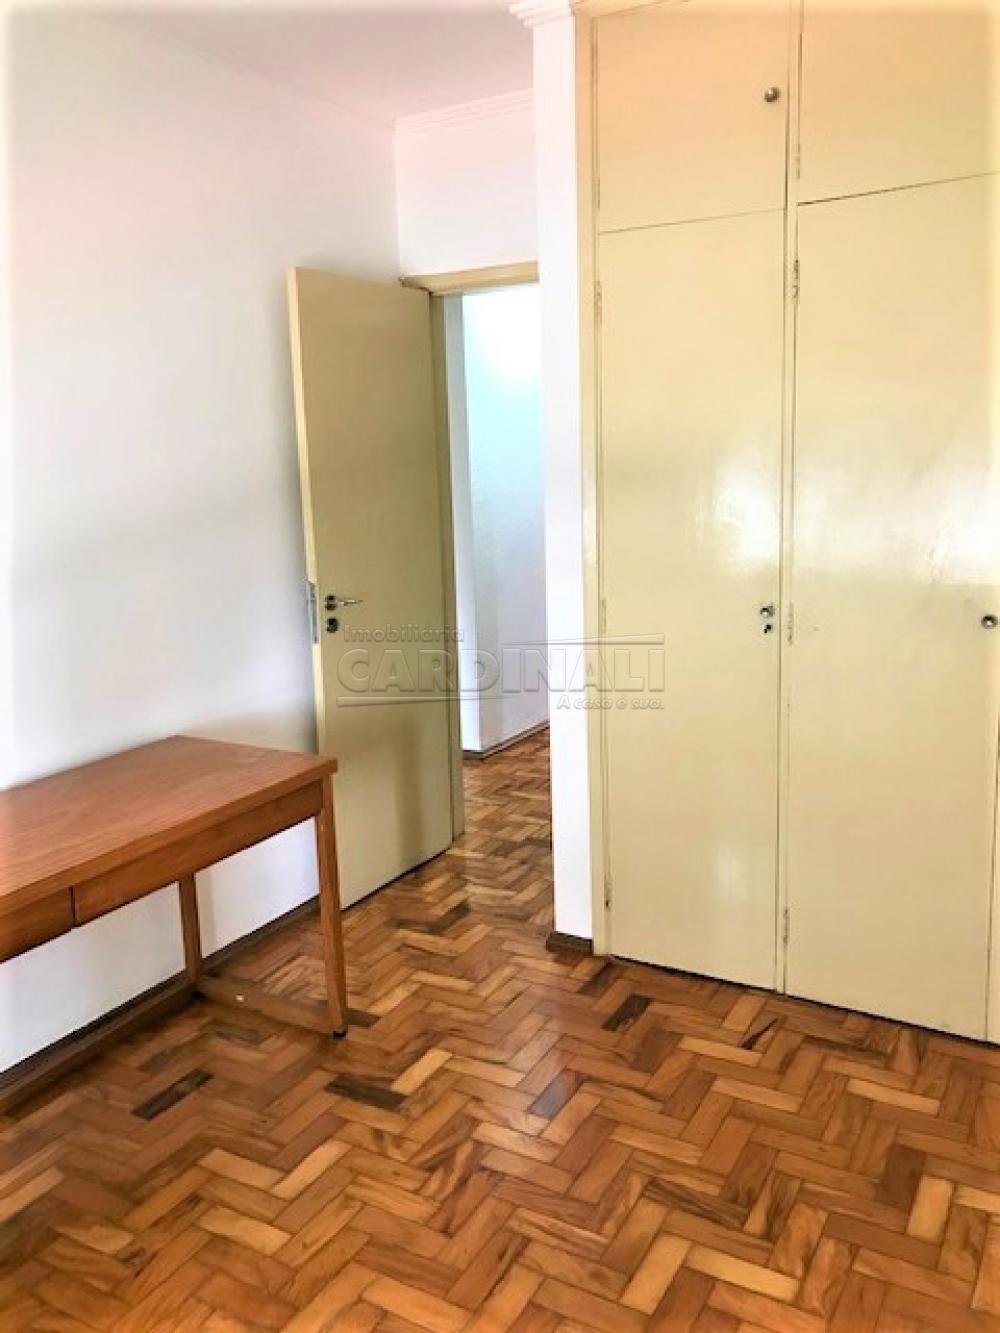 Comprar Apartamento / Padrão em São Carlos R$ 370.000,00 - Foto 24